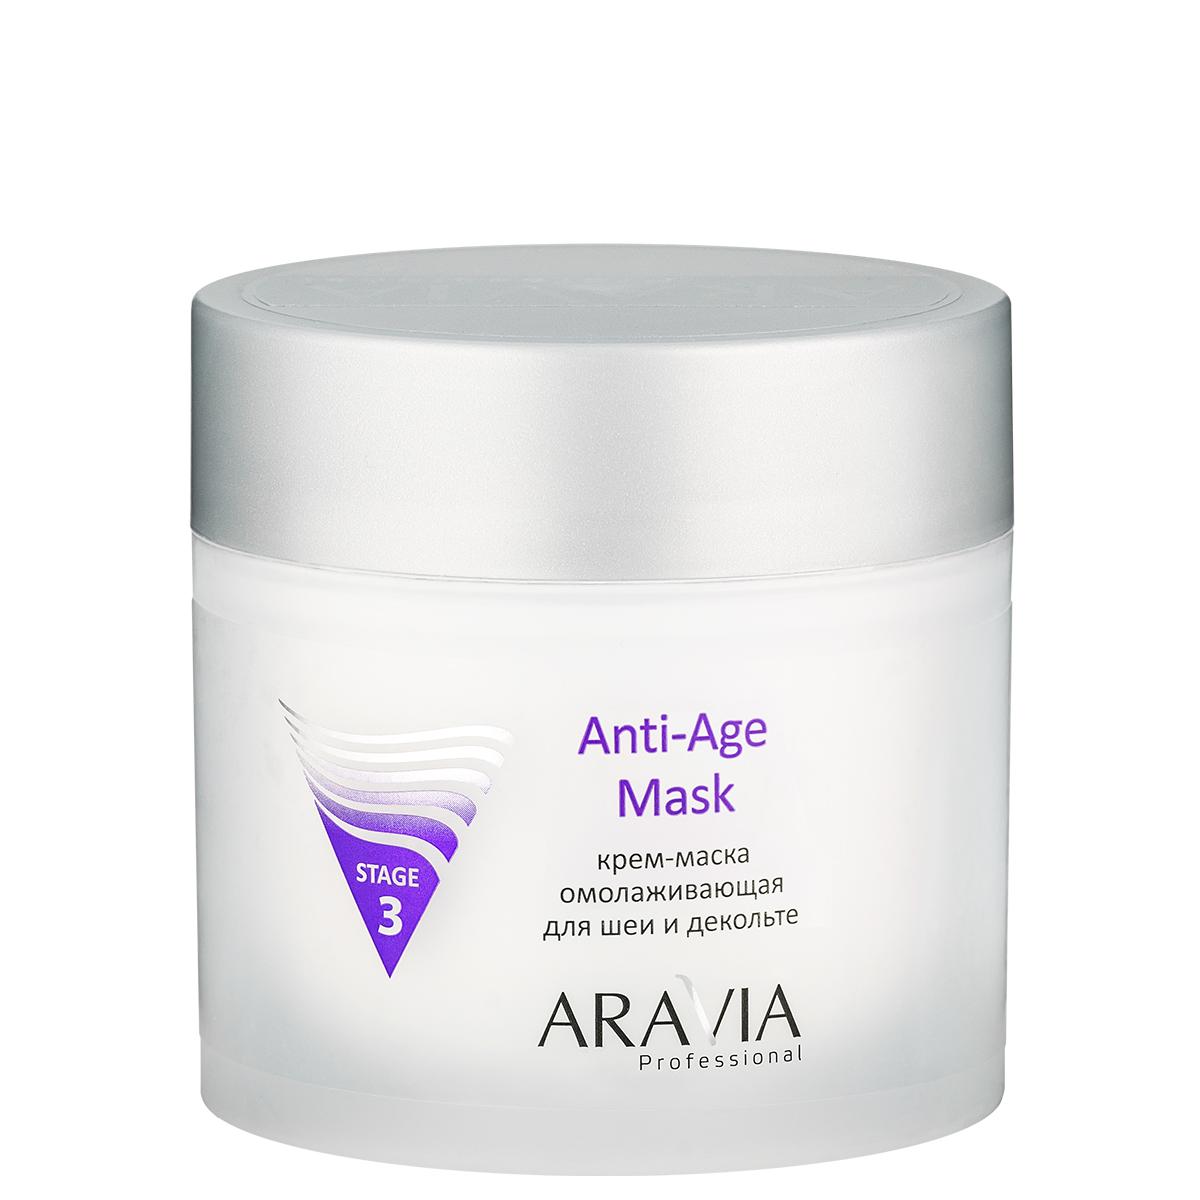 Крем-маска омолаживающая ARAVIA Professional, для шеи и декольте, 300 мл маска крем для области шеи и декольте aravia professional anti age mask 300 мл омолаживающая